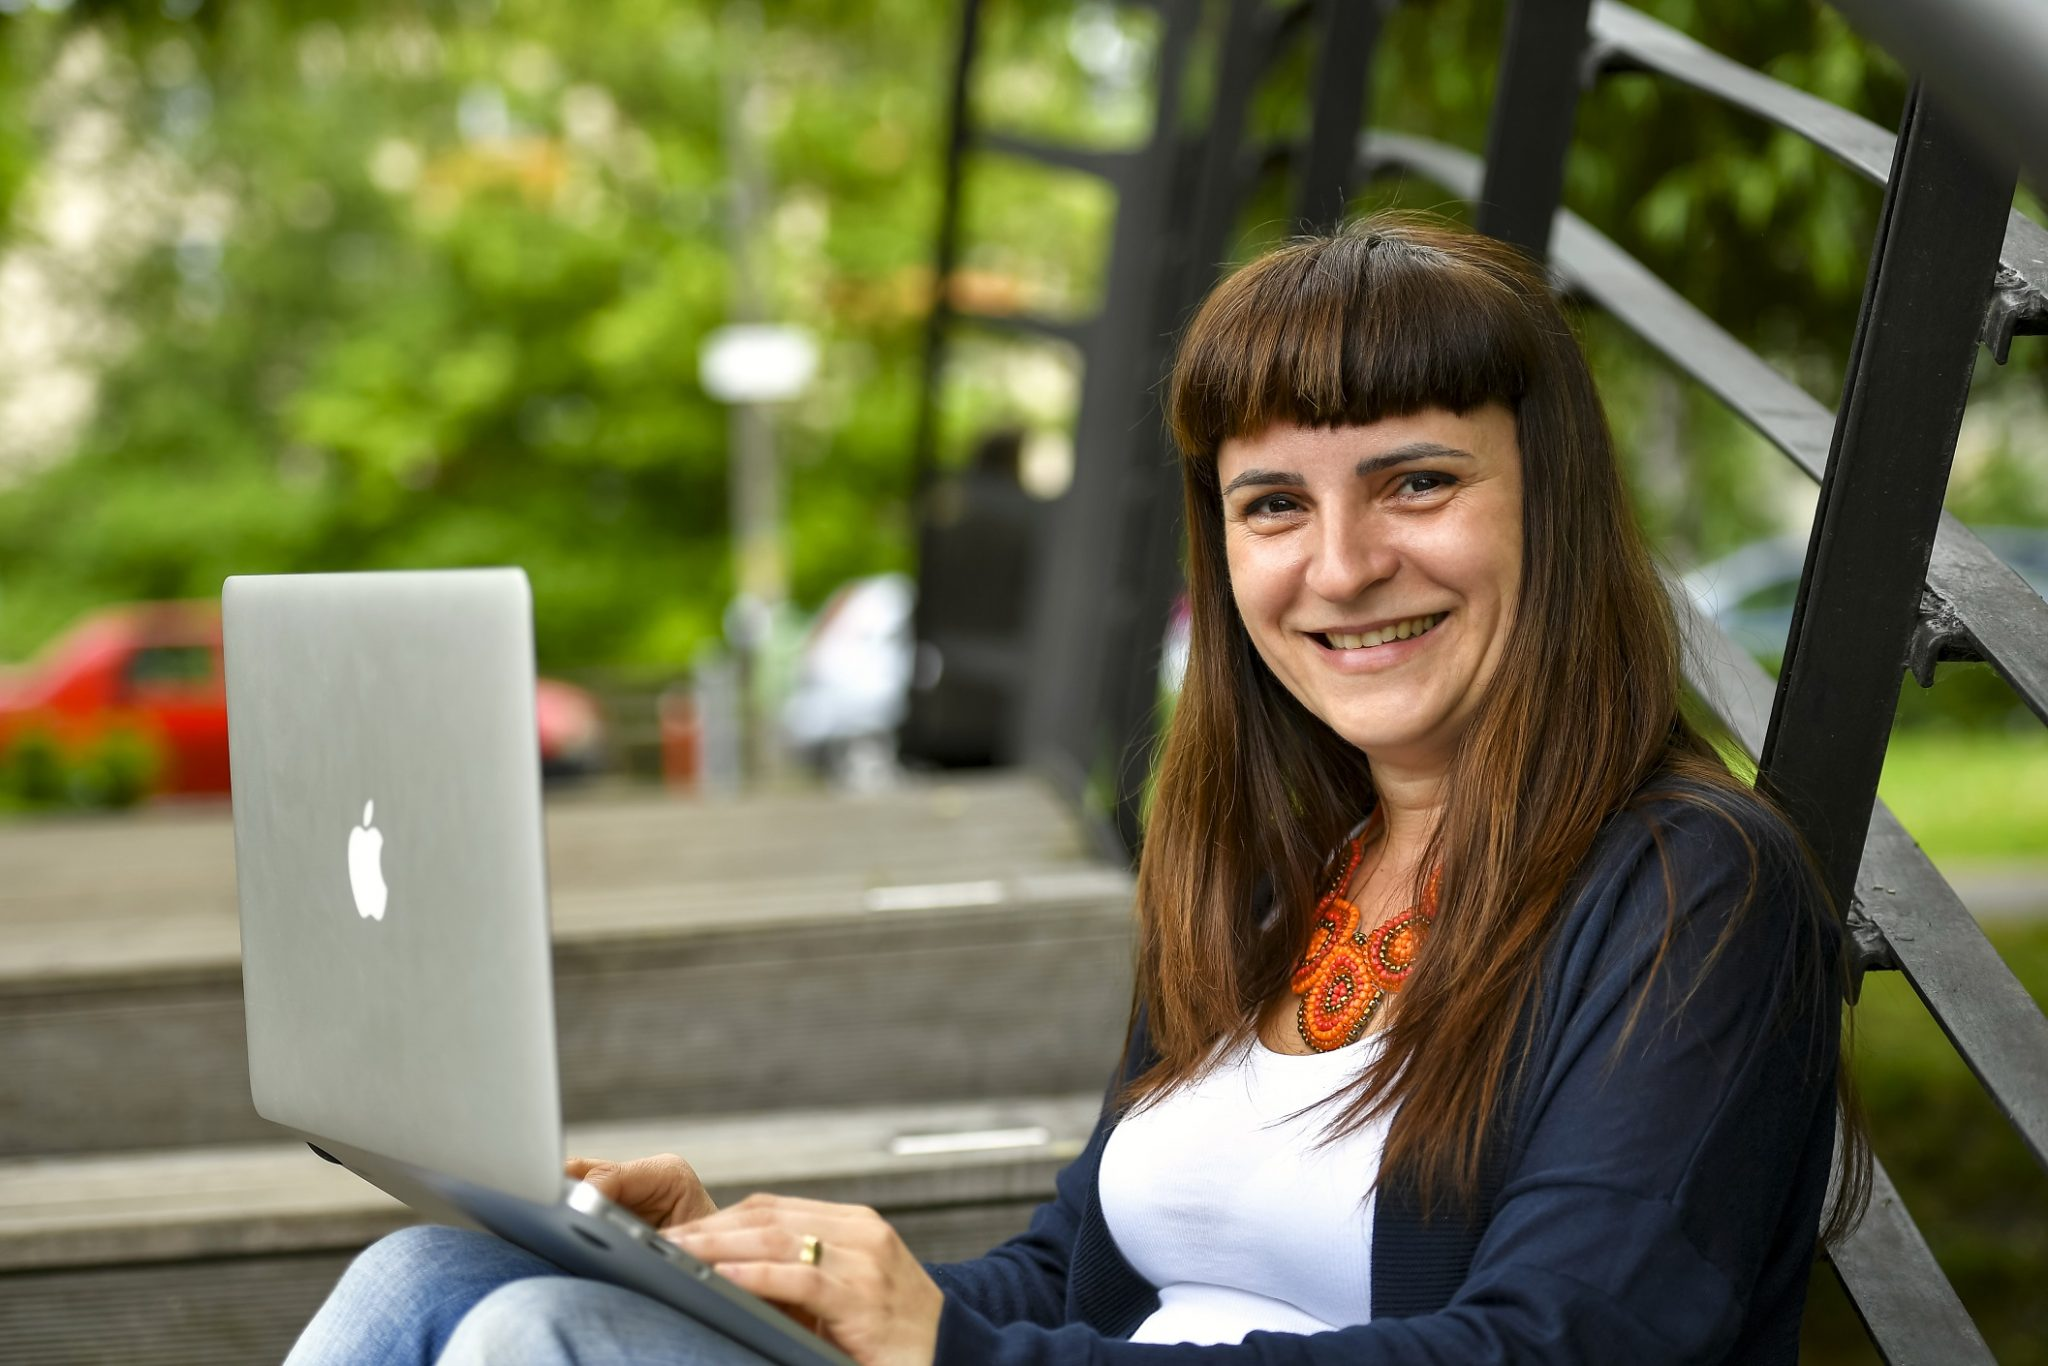 Alina Ioana Pop life coach